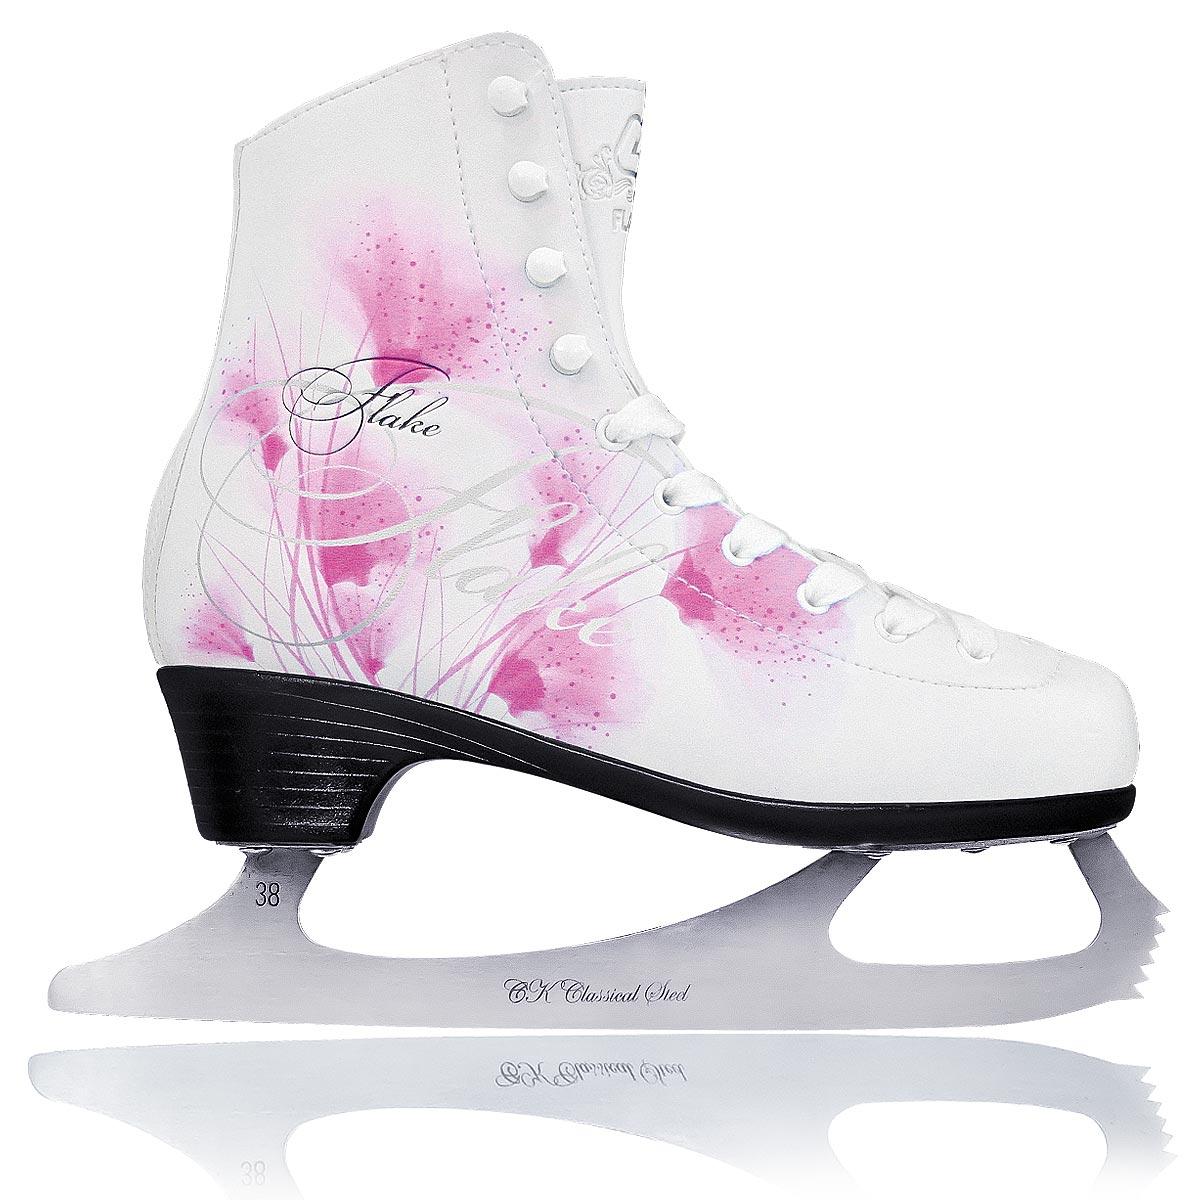 Коньки фигурные женские CK Flake Leather, цвет: белый, фуксия. Размер 42FLAKE leather_белый, фуксия_42Фигурные коньки от CK Flake Leather идеально подойдут для любительского катания. Модель выполнена из современной морозоустойчивой искусственной кожи с высокой, плотной колодкой и усиленным задником, обеспечивающим боковую поддержку ноги. Внутренняя поверхность из натуральной кожи обеспечивает удобство во время движения. Анатомический язычок из войлока и искусственной кожи идеально облегает стопу и повышает комфорт. Стелька из упругого пенного полимерного материала EVA предназначена для быстрой адаптации ботинка к индивидуальным формам ноги и ее комфортного положения.Ботинок полностью обволакивает ногу, обеспечивает прочную и удобную фиксацию ноги, а также повышенную защиту от ударов. Модель фиксируется на ноге классической шнуровкой.Лезвие выполнено из нержавеющей стали, оно обладает высокой твердостью и долго держит заточку. Модель имеет запатентованную форму лезвия. Уменьшенная передняя пластина и расположение точек опоры стоек оптимально располагают переднюю точку баланса и позволяют улучшить контроль при опоре на переднюю часть конька.Новая запатентованная подошва Graceful обладает элегантным дизайном, повышенной твердостью и пониженным весом. Более высокий каблук делает ногу более изящной и стройной, а также повышает управляемость и маневренность конька.